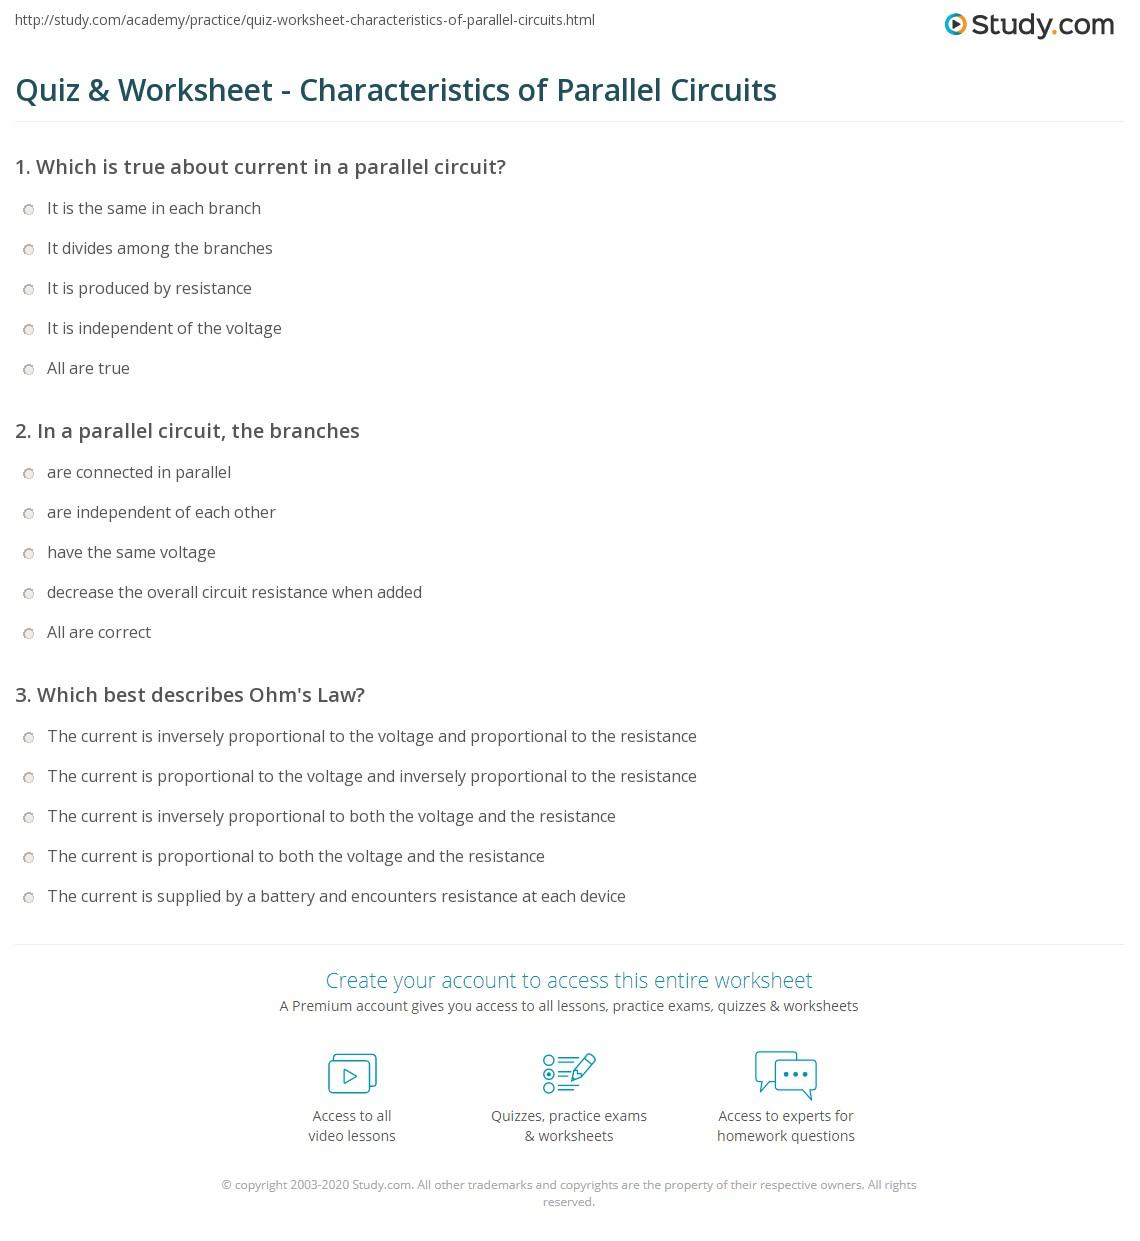 Quiz Worksheet Characteristics Of Parallel Circuits